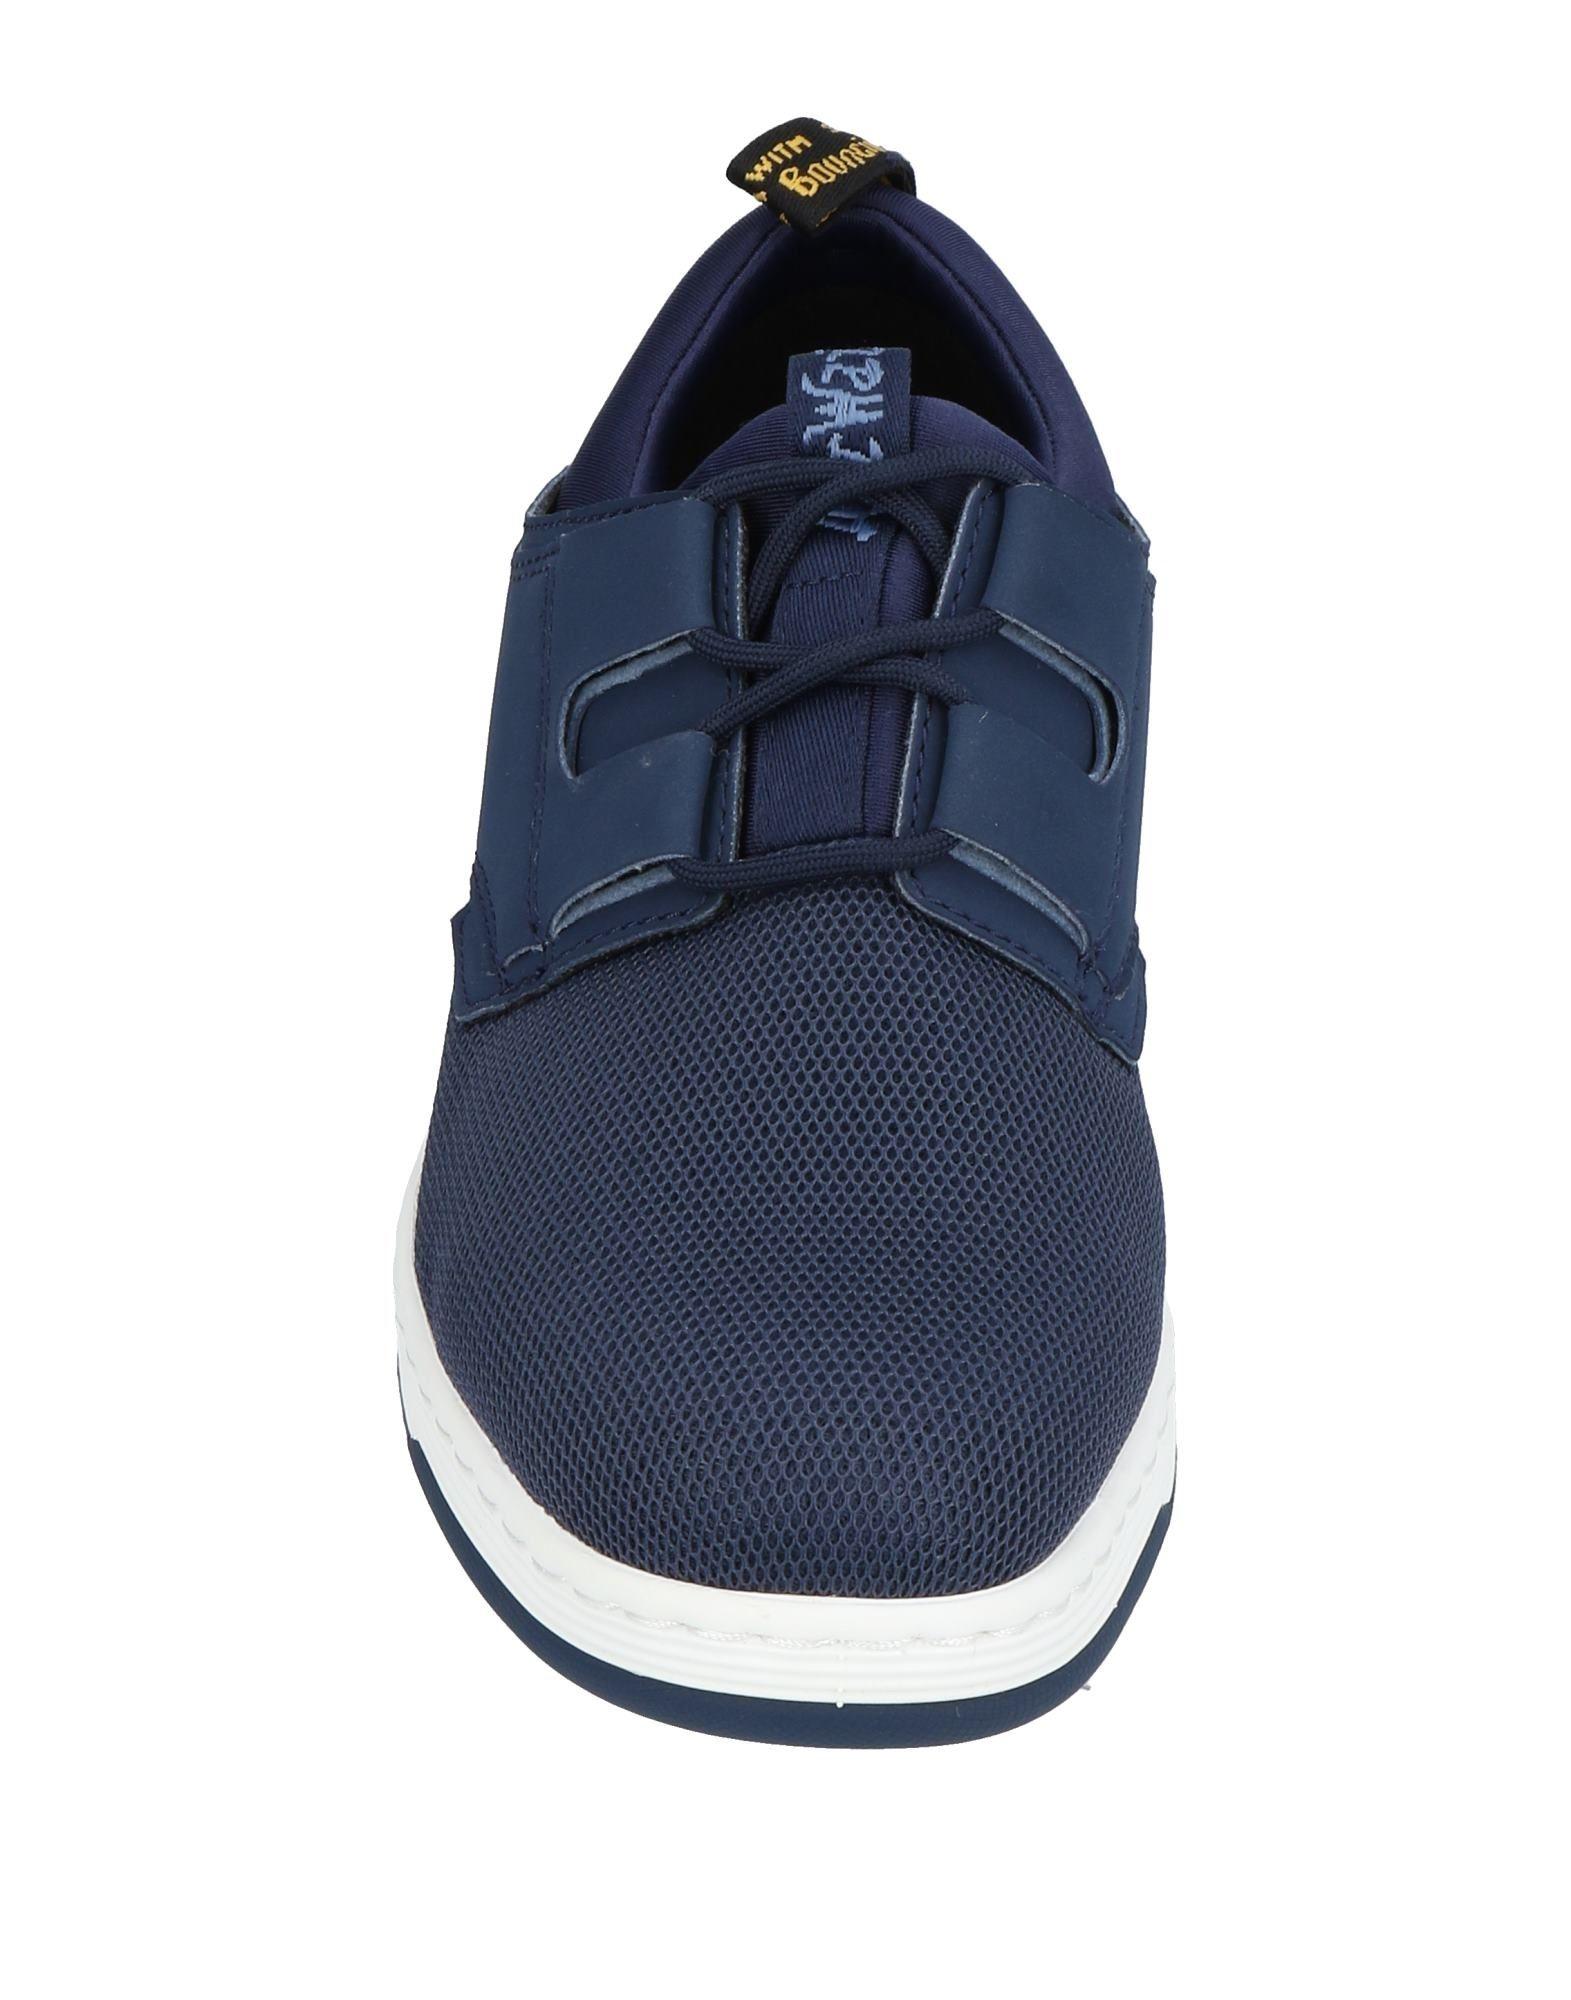 Sneakers Dr. Martens Femme - Sneakers Dr. Martens sur